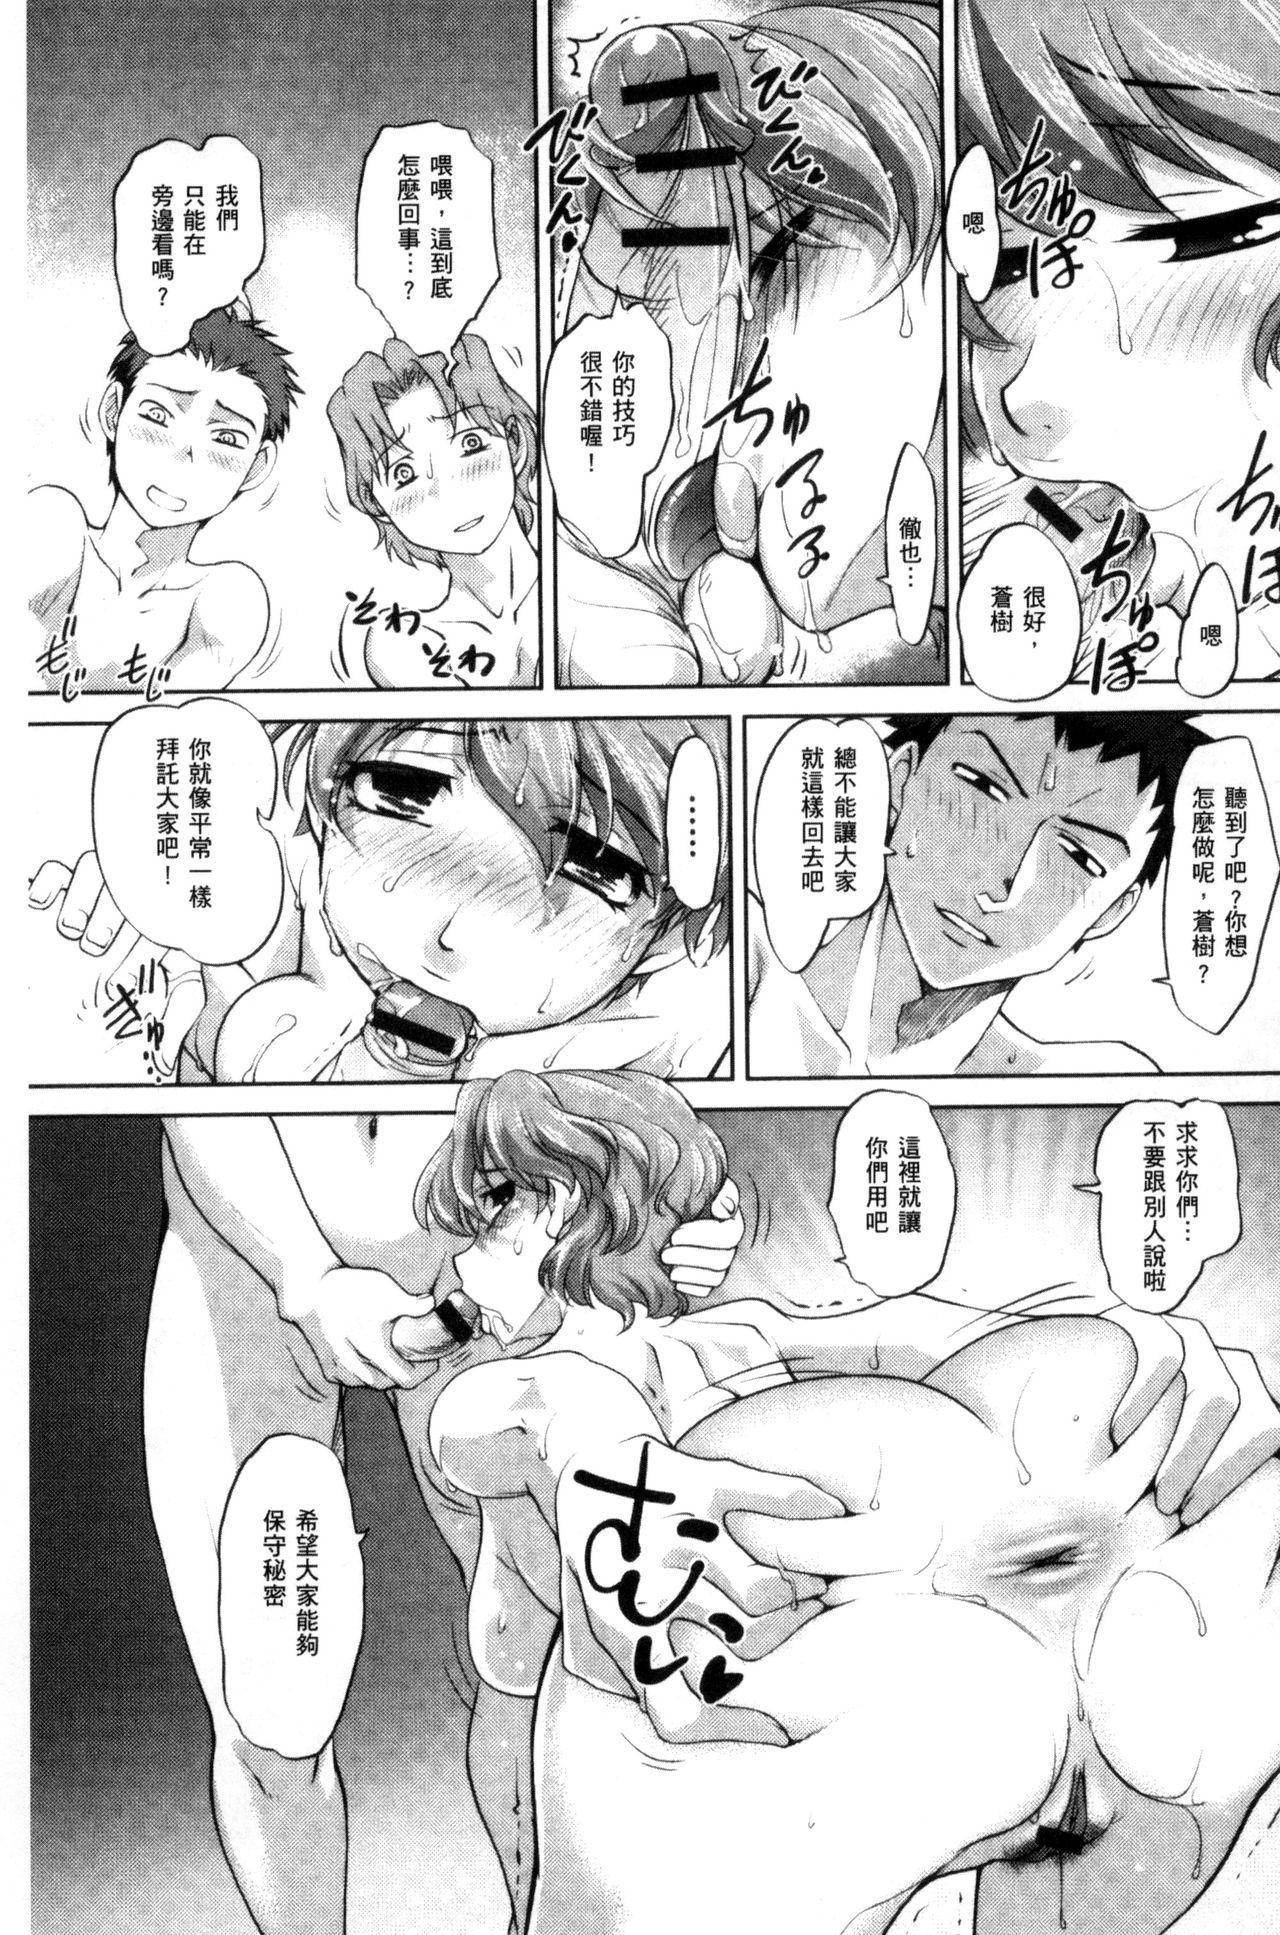 Nyotaika Ouji to Okotasare Hime 13